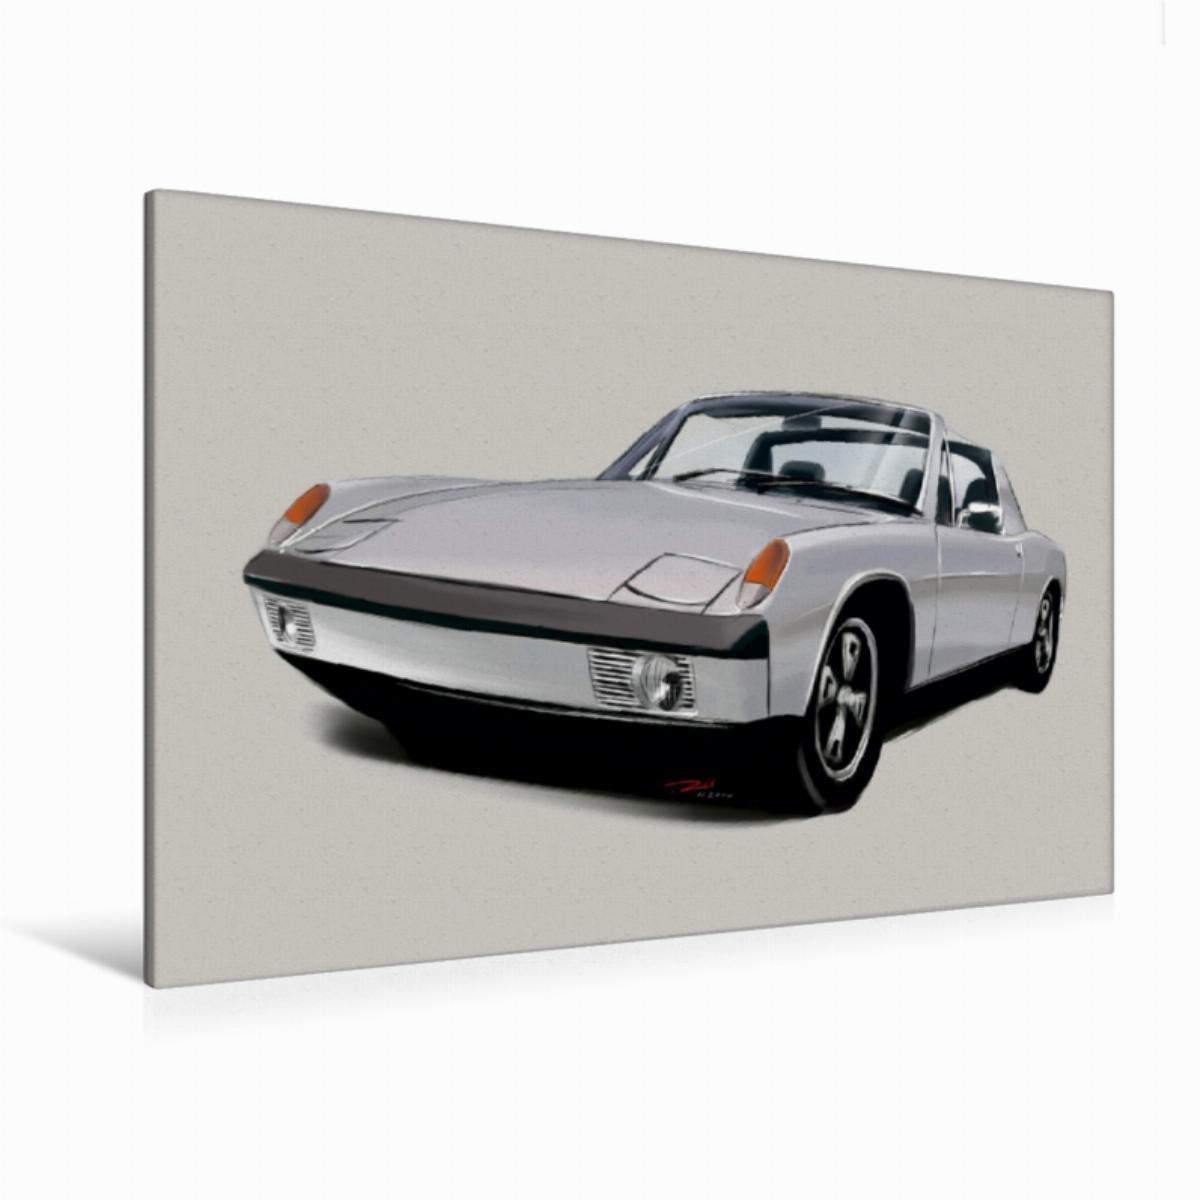 120 x 80 cm Premium Textile Canvas 45 x 30 cm Porsche 914